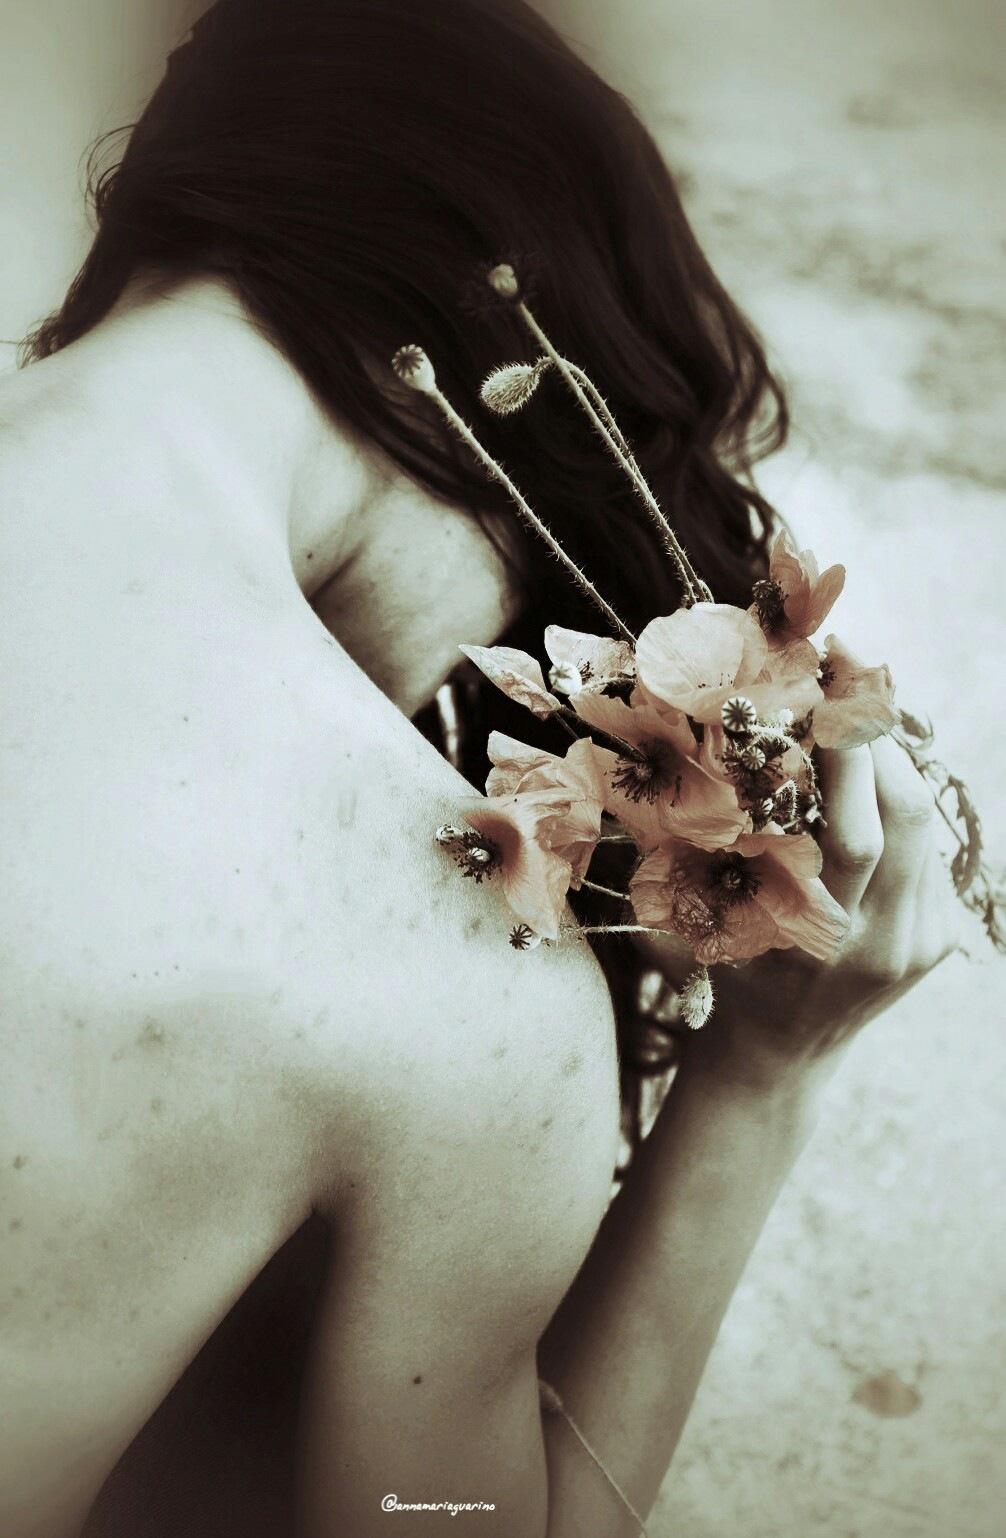 Mi lascio accarezzare il mio corpo...dalla spontanea semplicità  by Annamariaguarino